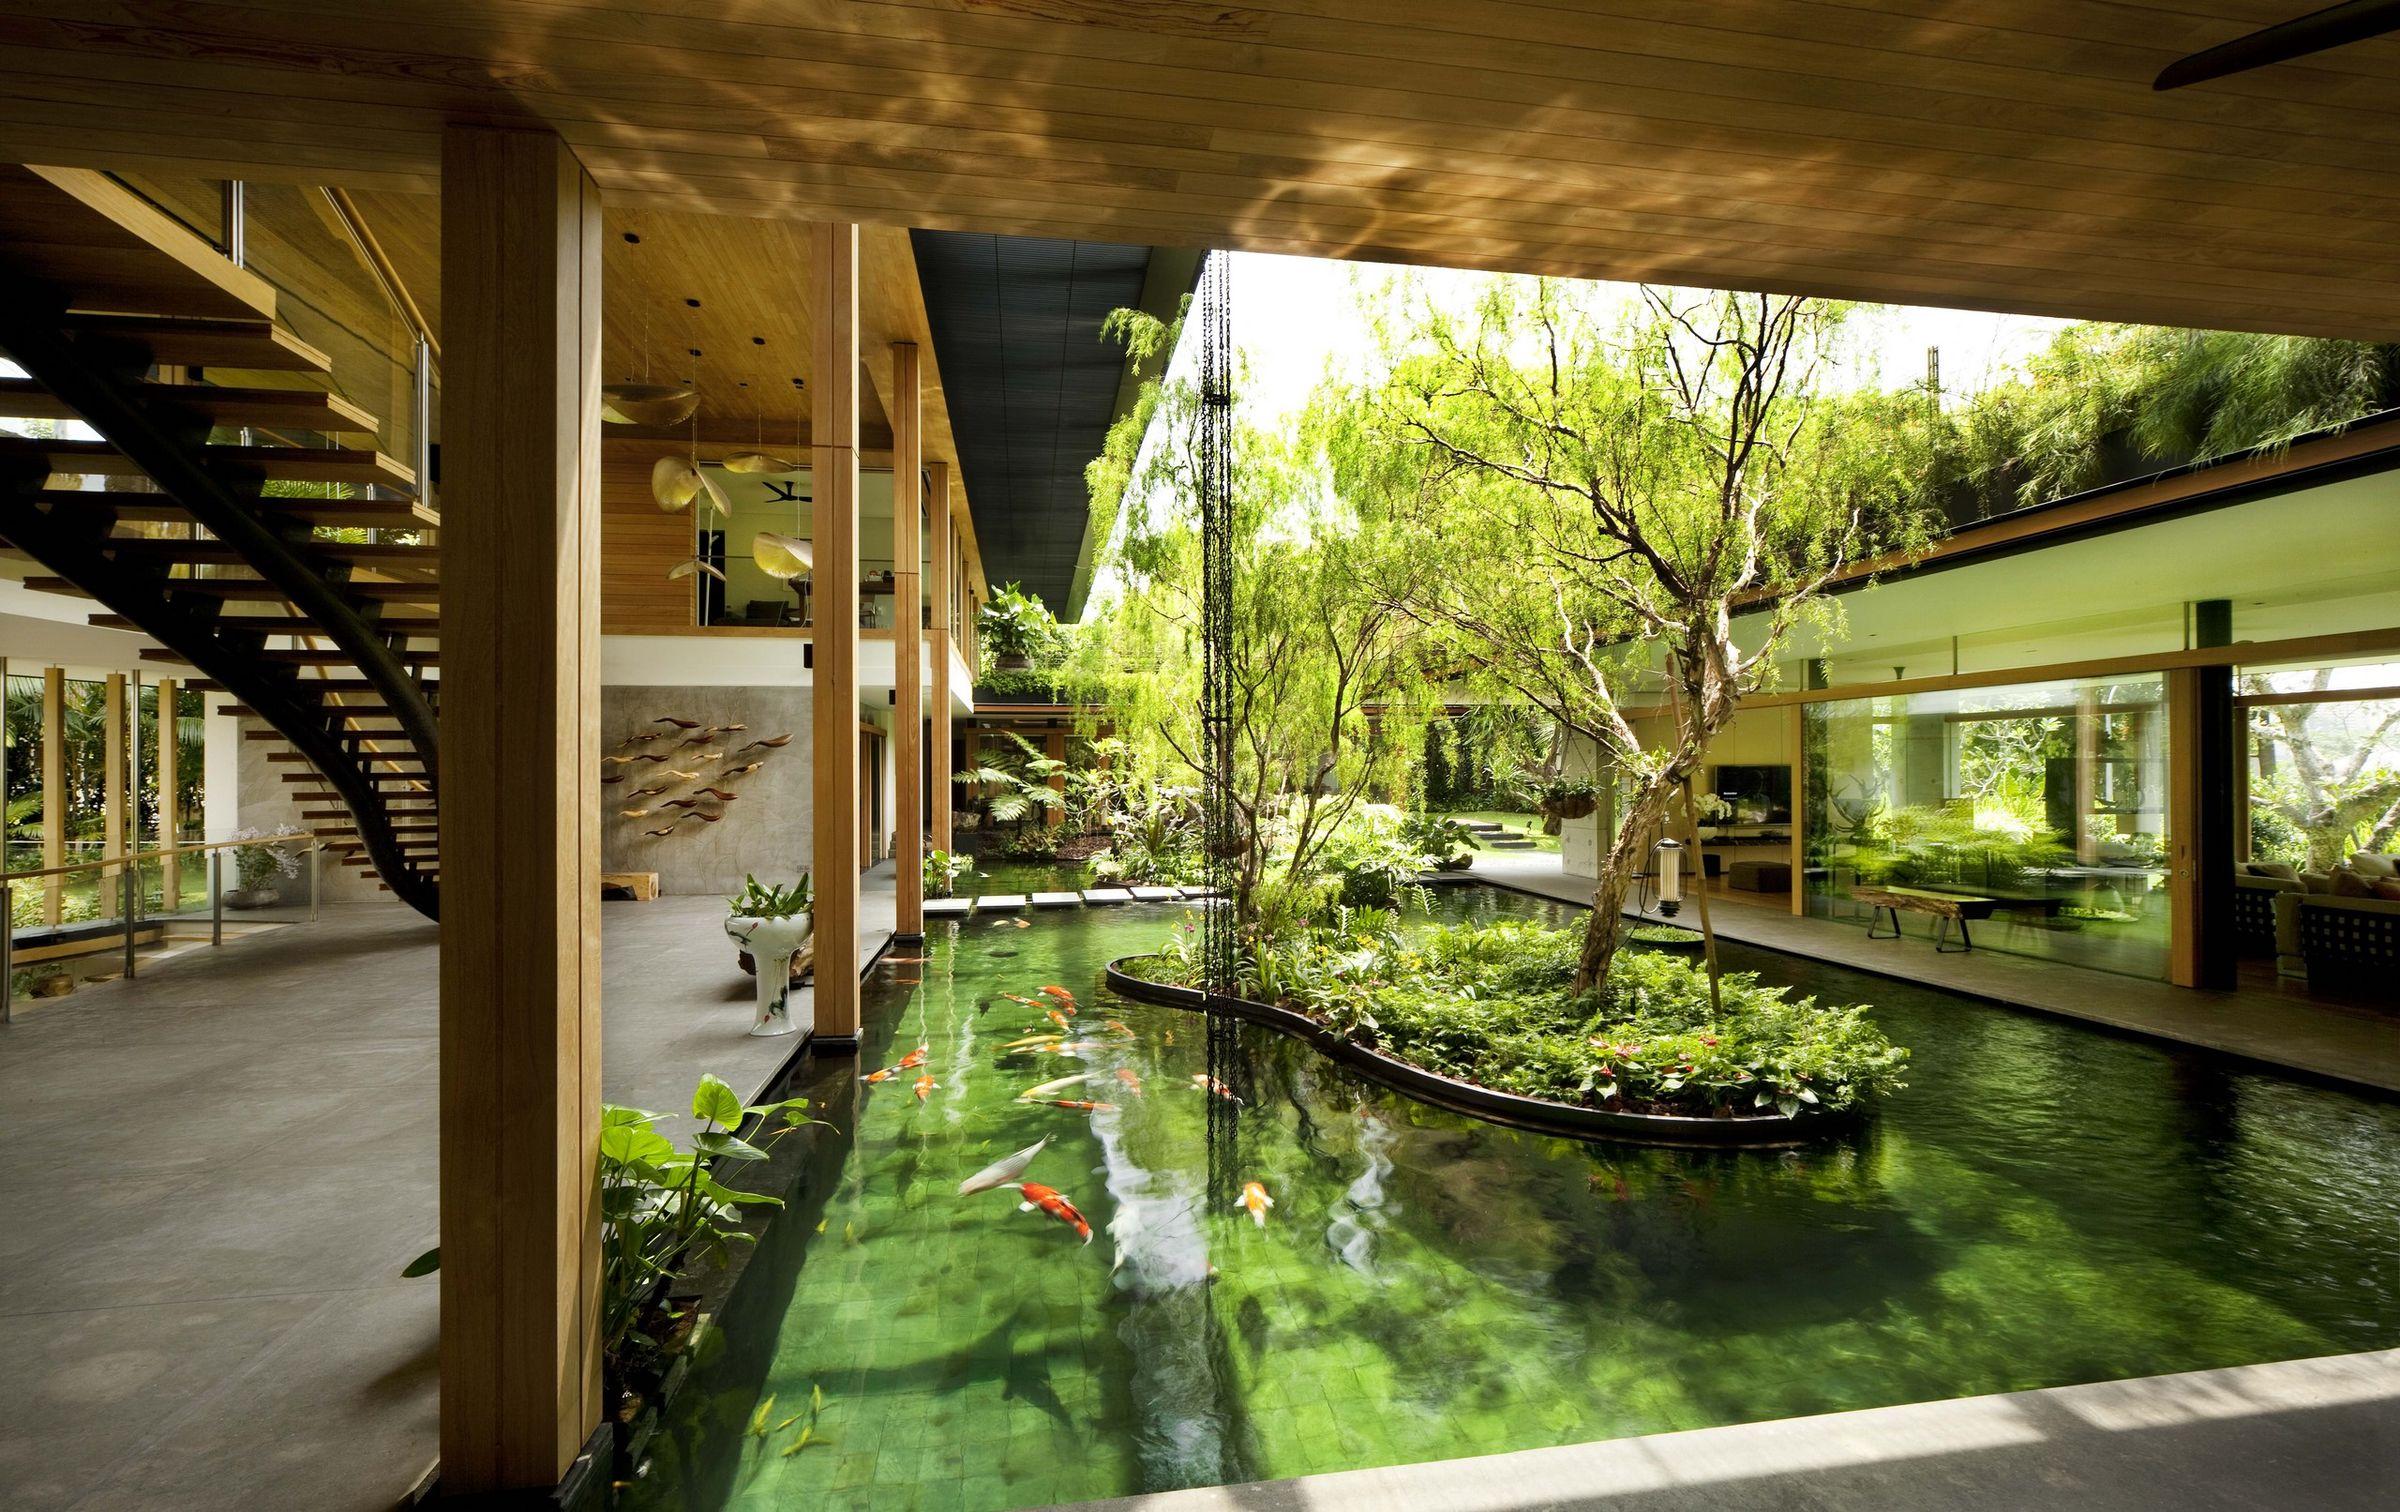 cac mau nha biet thu co san vuon dep nhat the gioi 6 50+ mẫu nhà biệt thự có sân vườn xanh mát mê mọi góc cạnh của thế giới